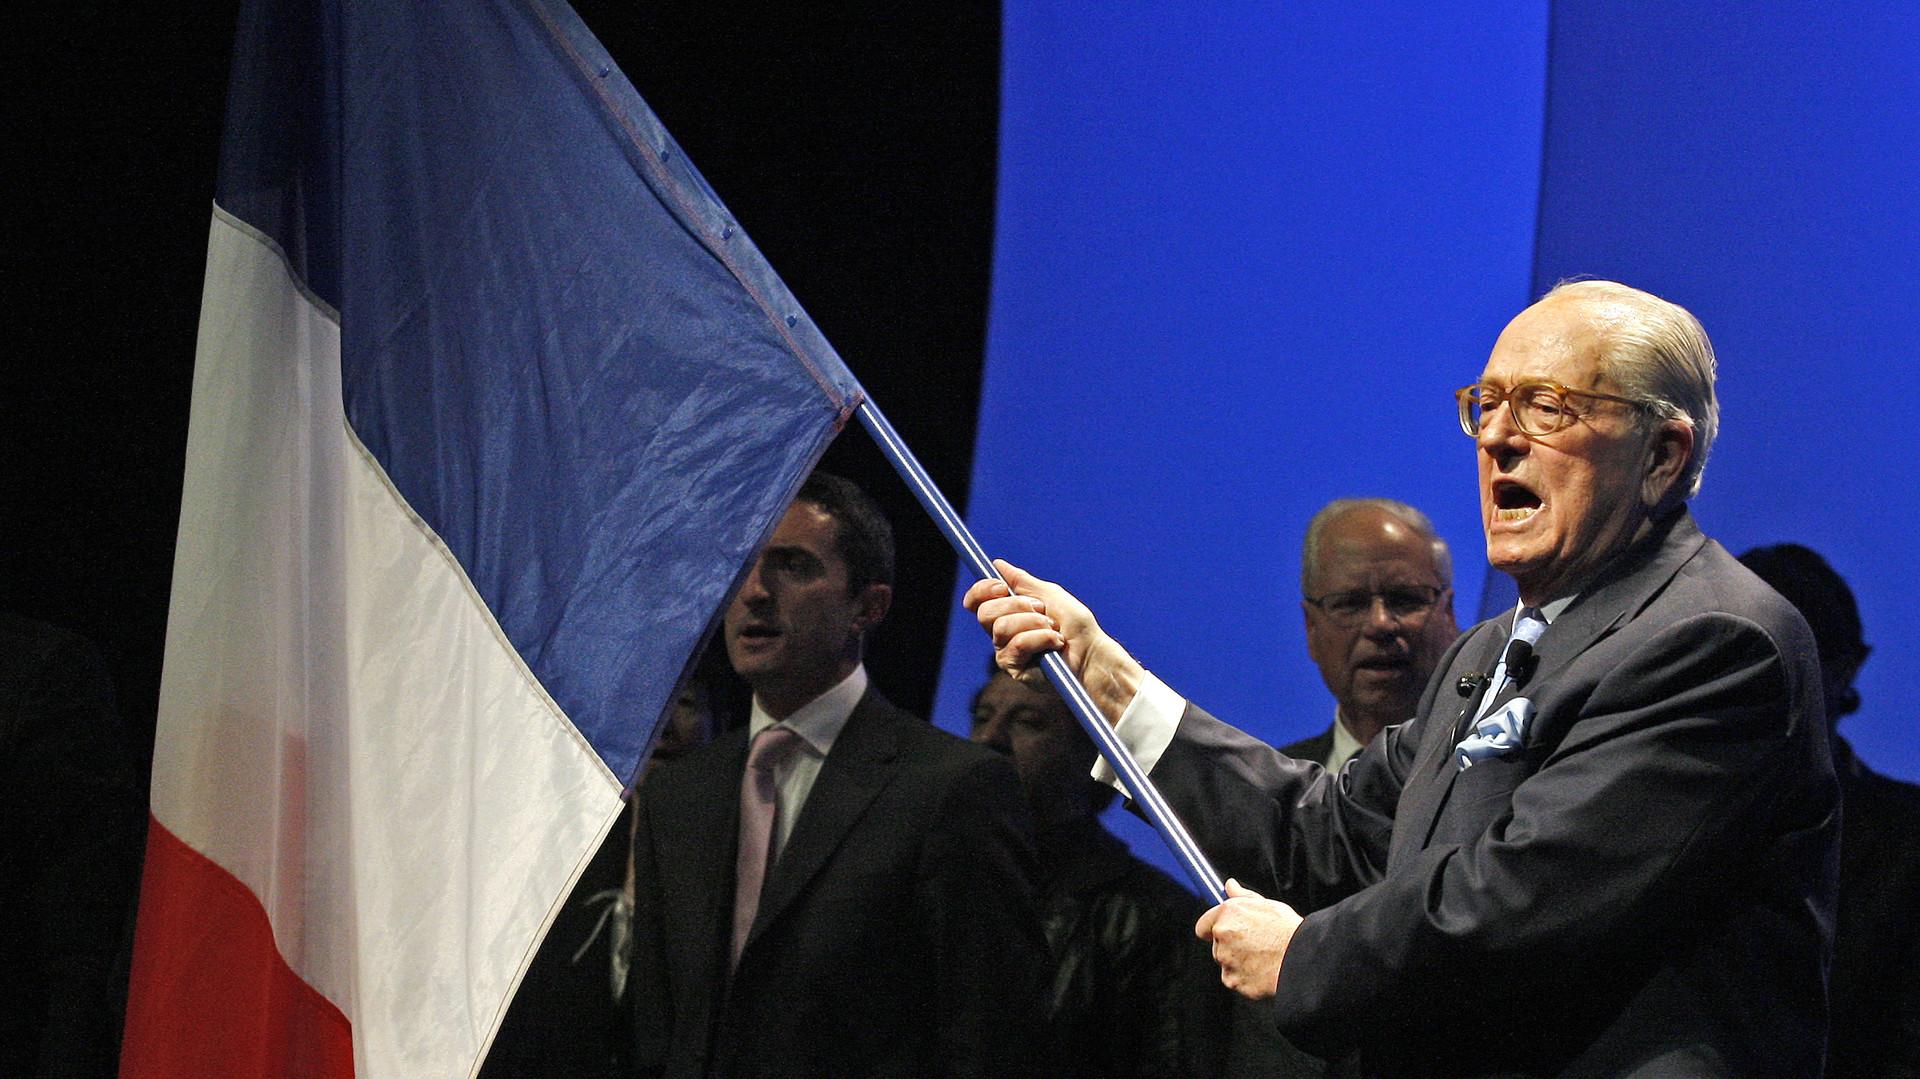 L'exclusion de Jean-Marie : retour sur presque quarante ans de présidence incontestée